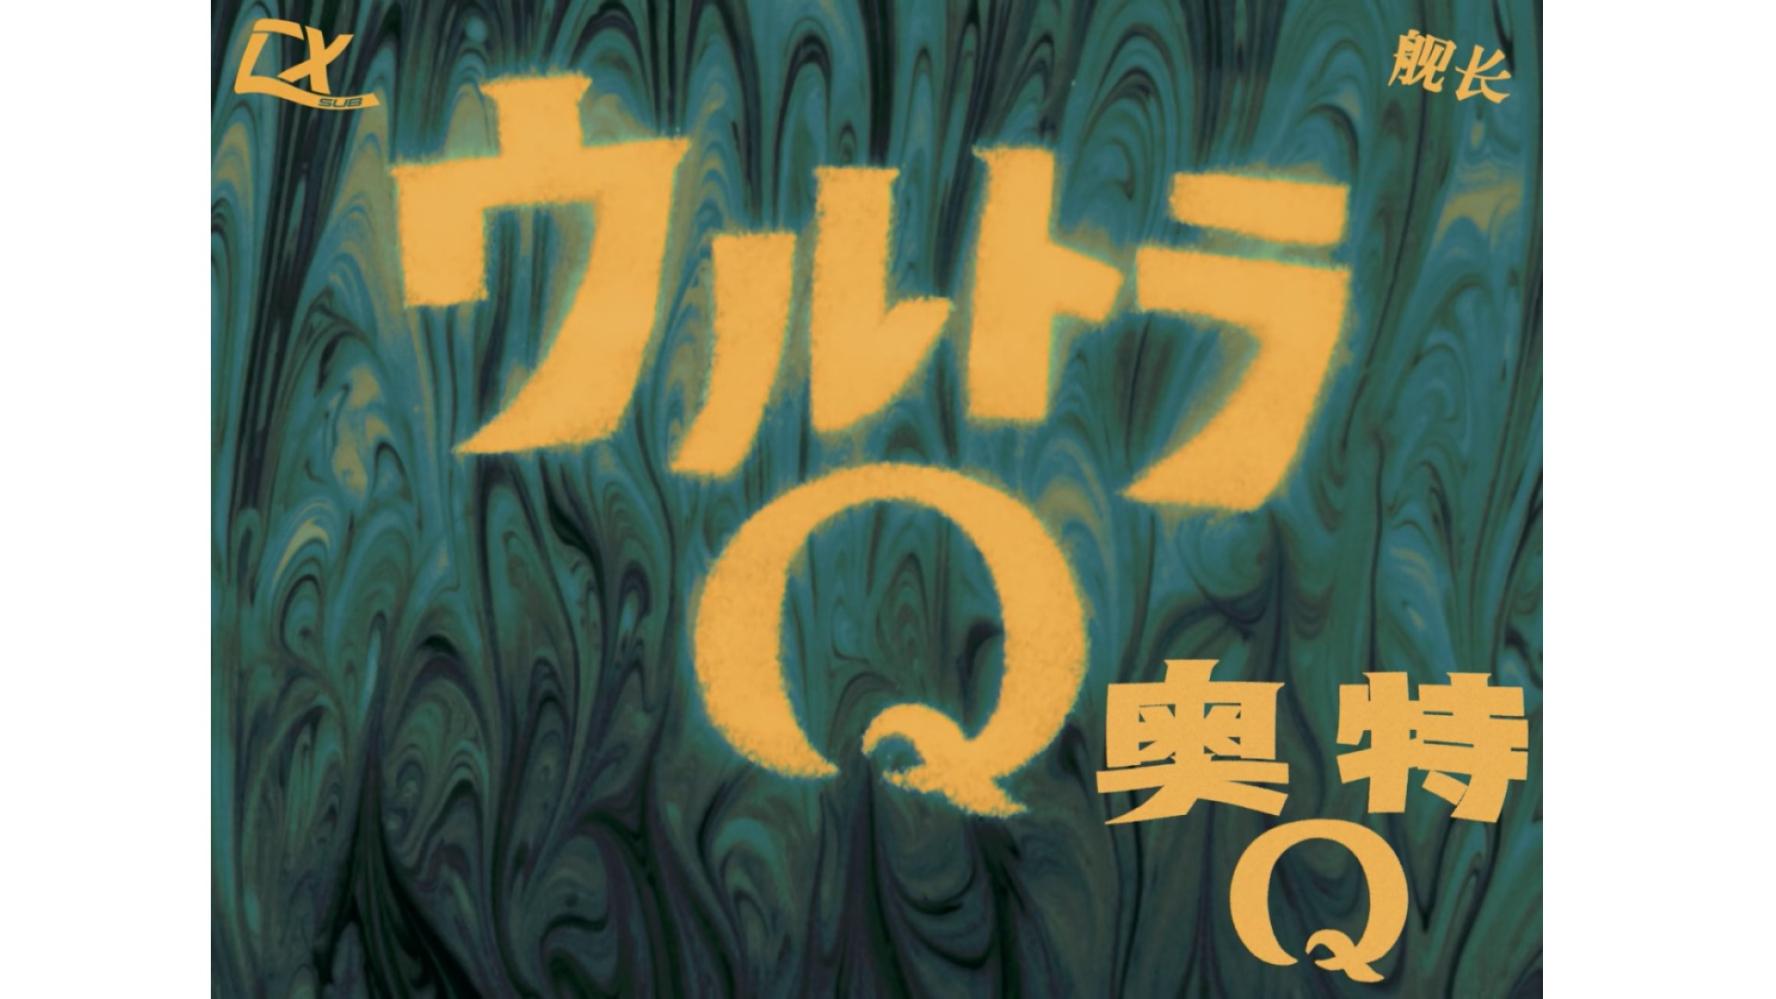 [奥特Q][纯天然色/彩色][中日双字幕][1080P][全28集][晨曦&舰长制作]